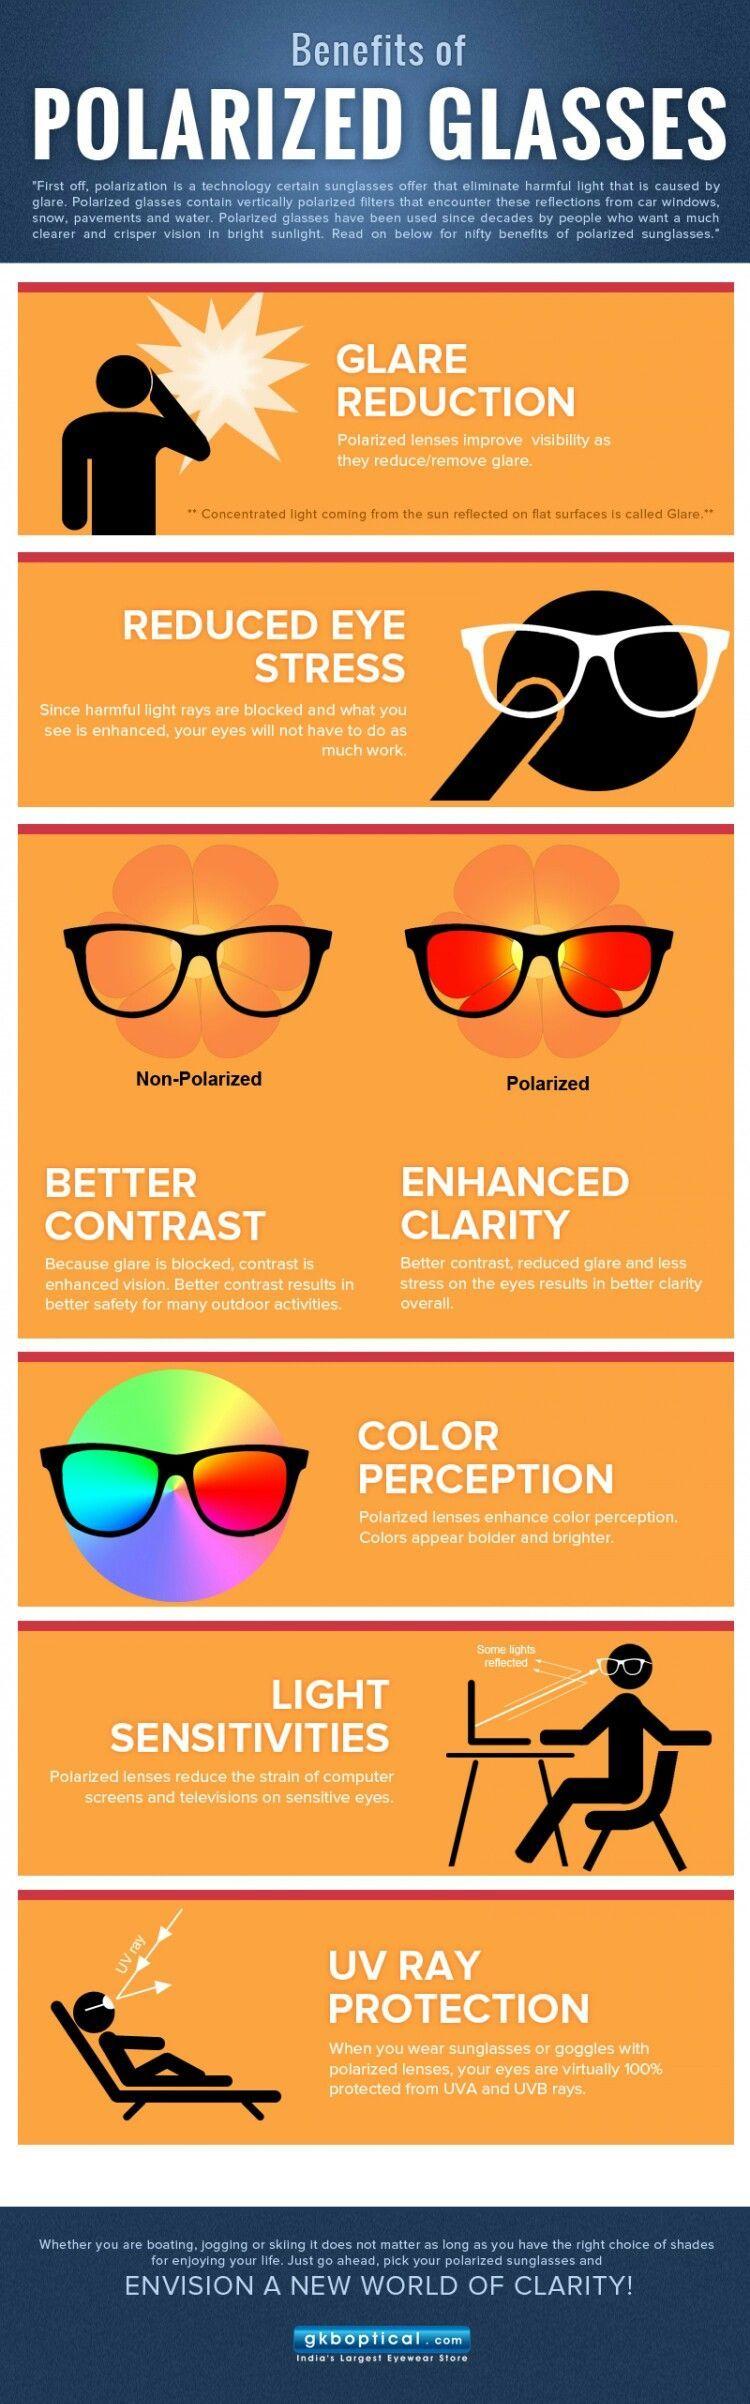 Polarized glasses image by Nihal kalawant on nik